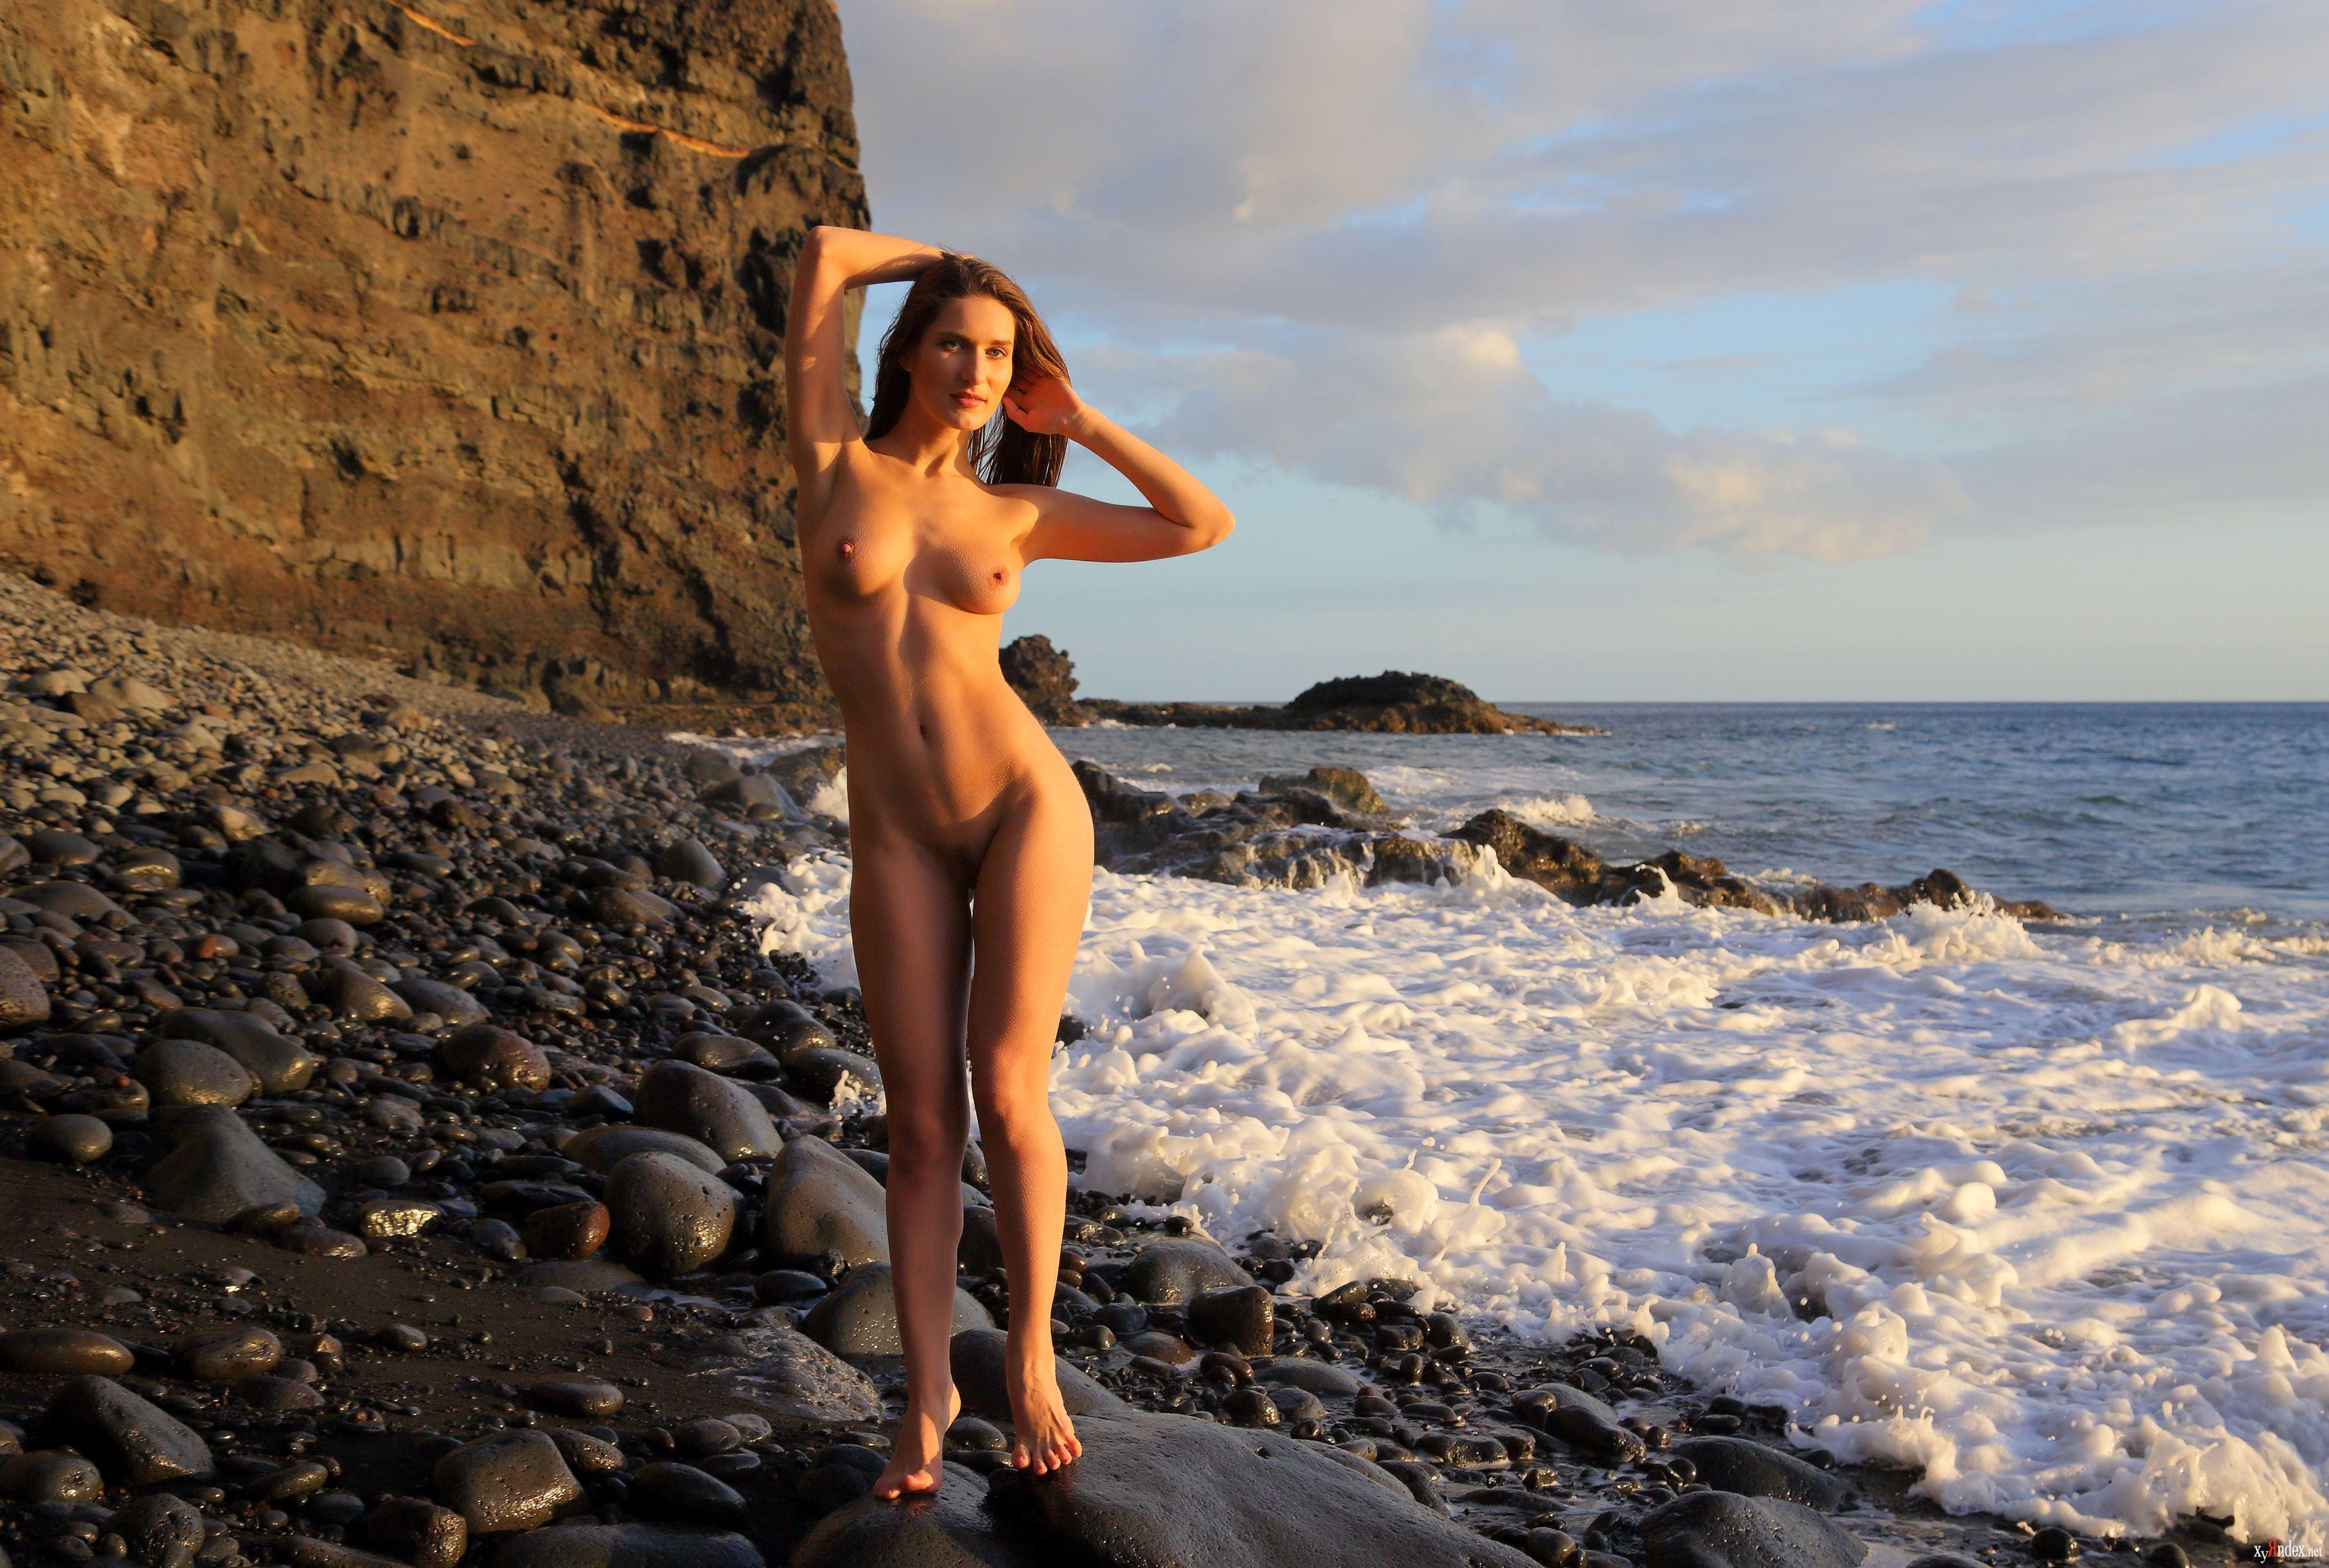 Девушки Лето Море Дикий Пляж Обнаженная